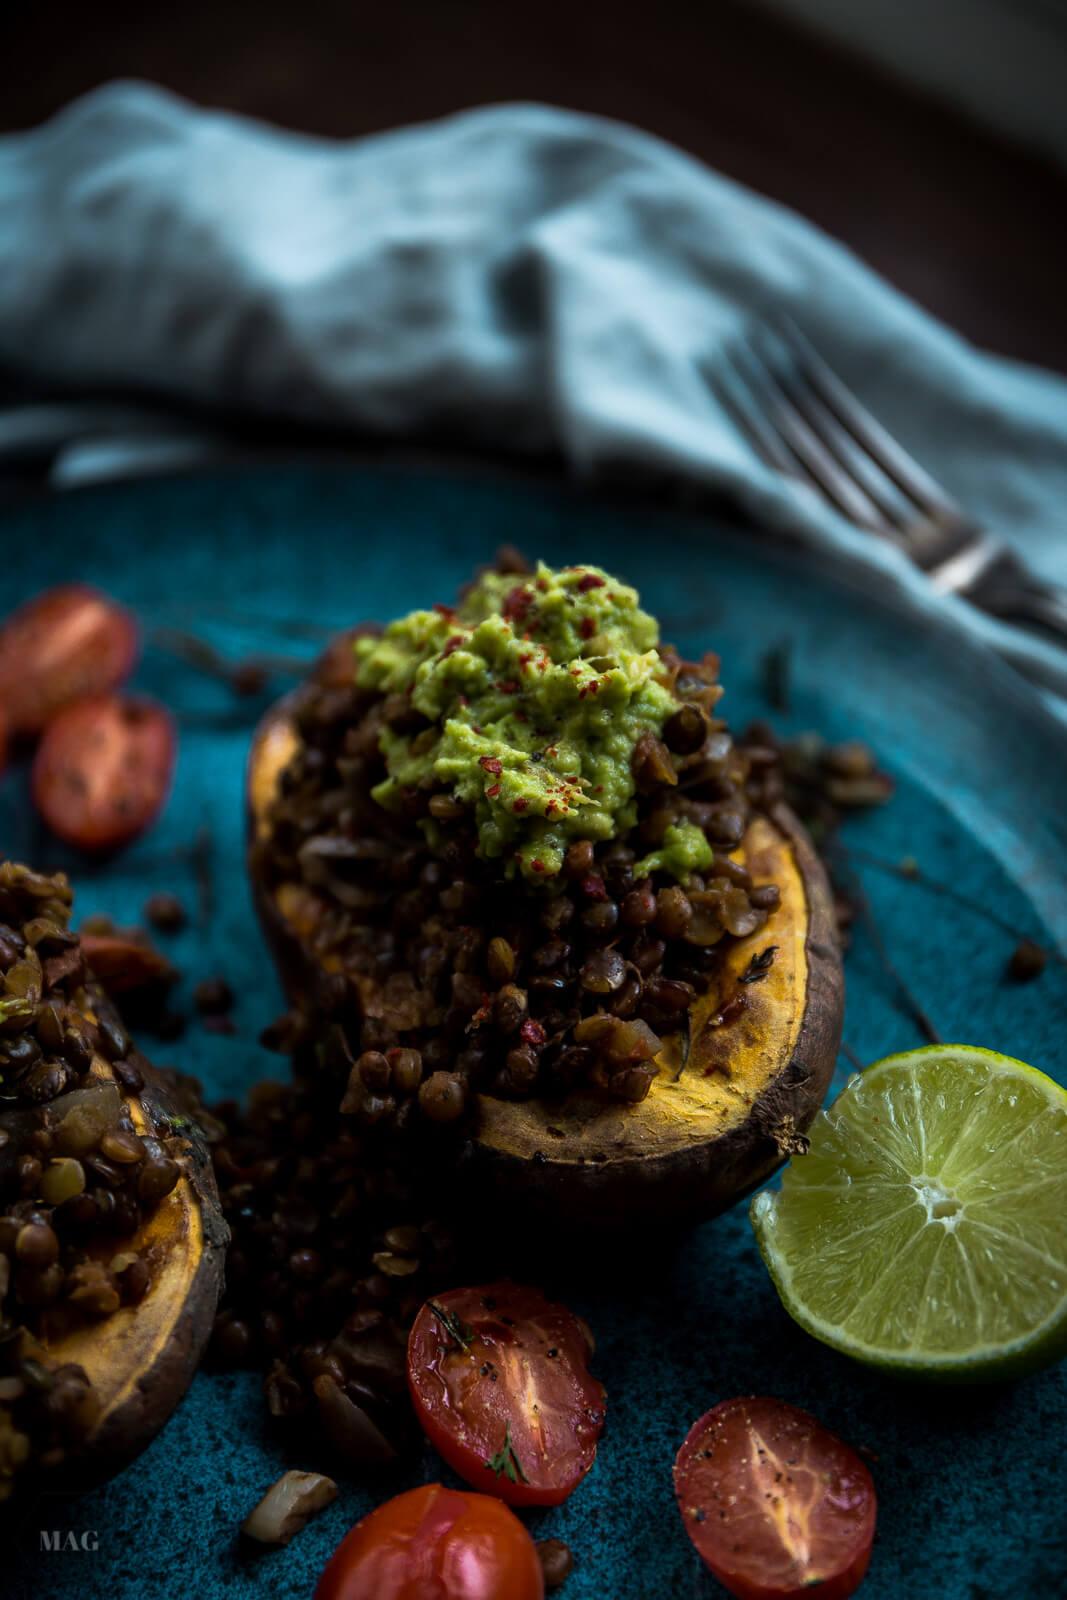 süßkartoffeln ofen, süßkartoffeln mit linsentopping und avocadocreme, süßkartoffeln aus dem ofen, süßkartoffeln mit linsentopping, süßkartoffeln vegan, süßkartoffeln braten, süßkartoffeln zubereiten, süßkartoffeln rezept